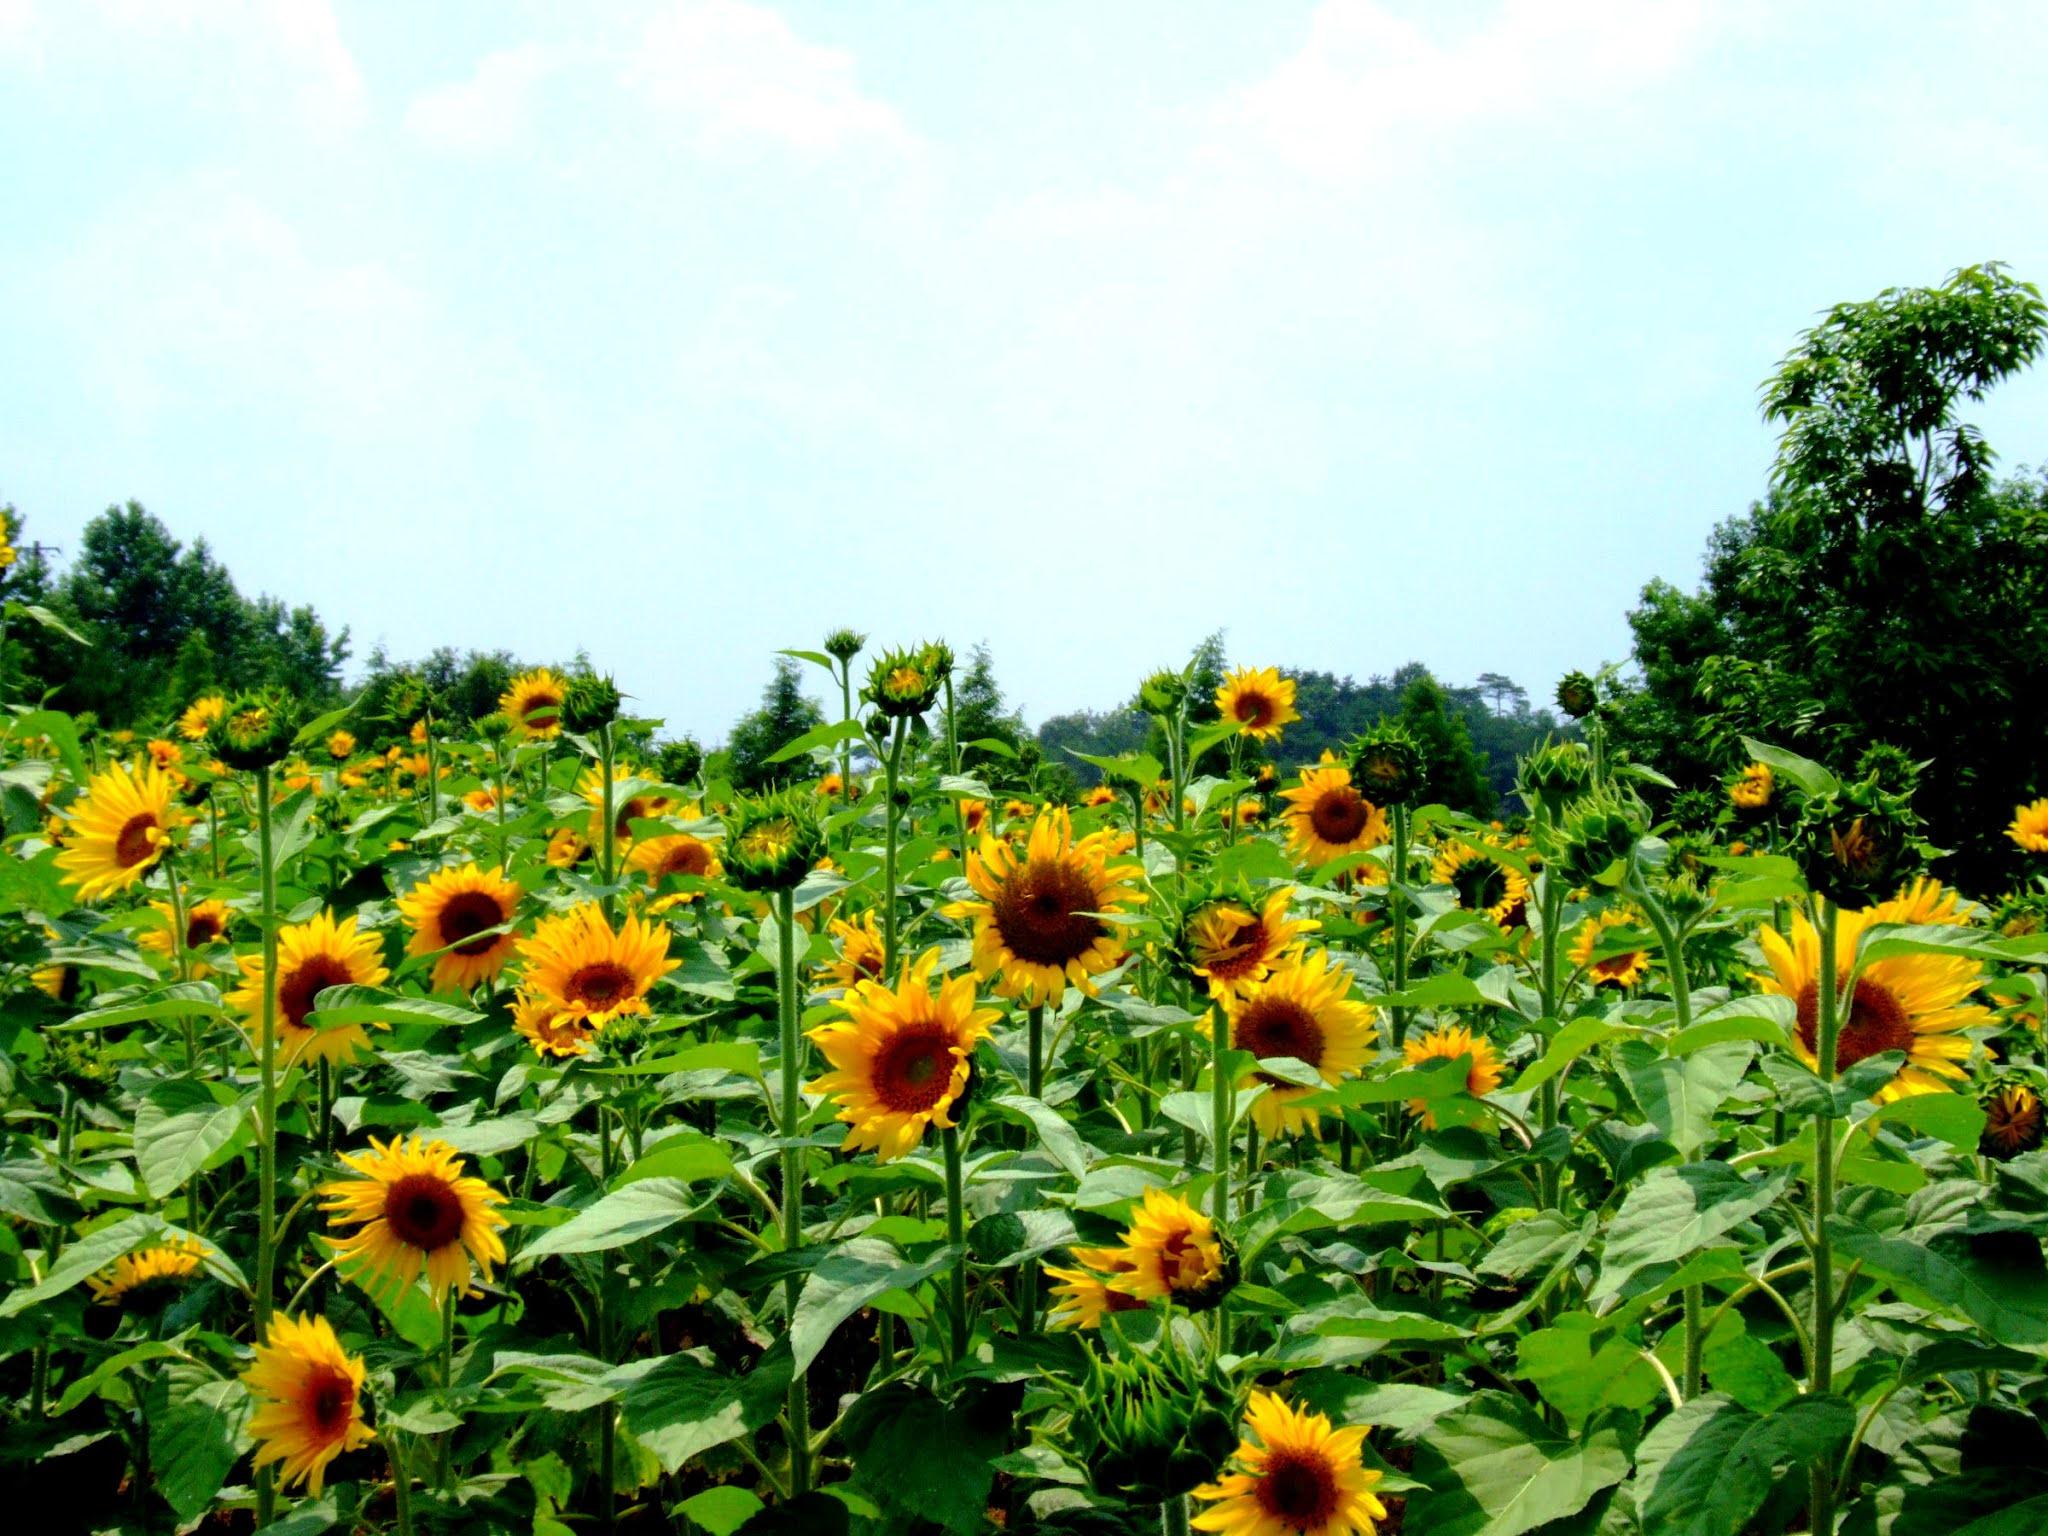 青空 黄色い向日葵(ヒマワリ) ひまわり 写真素材